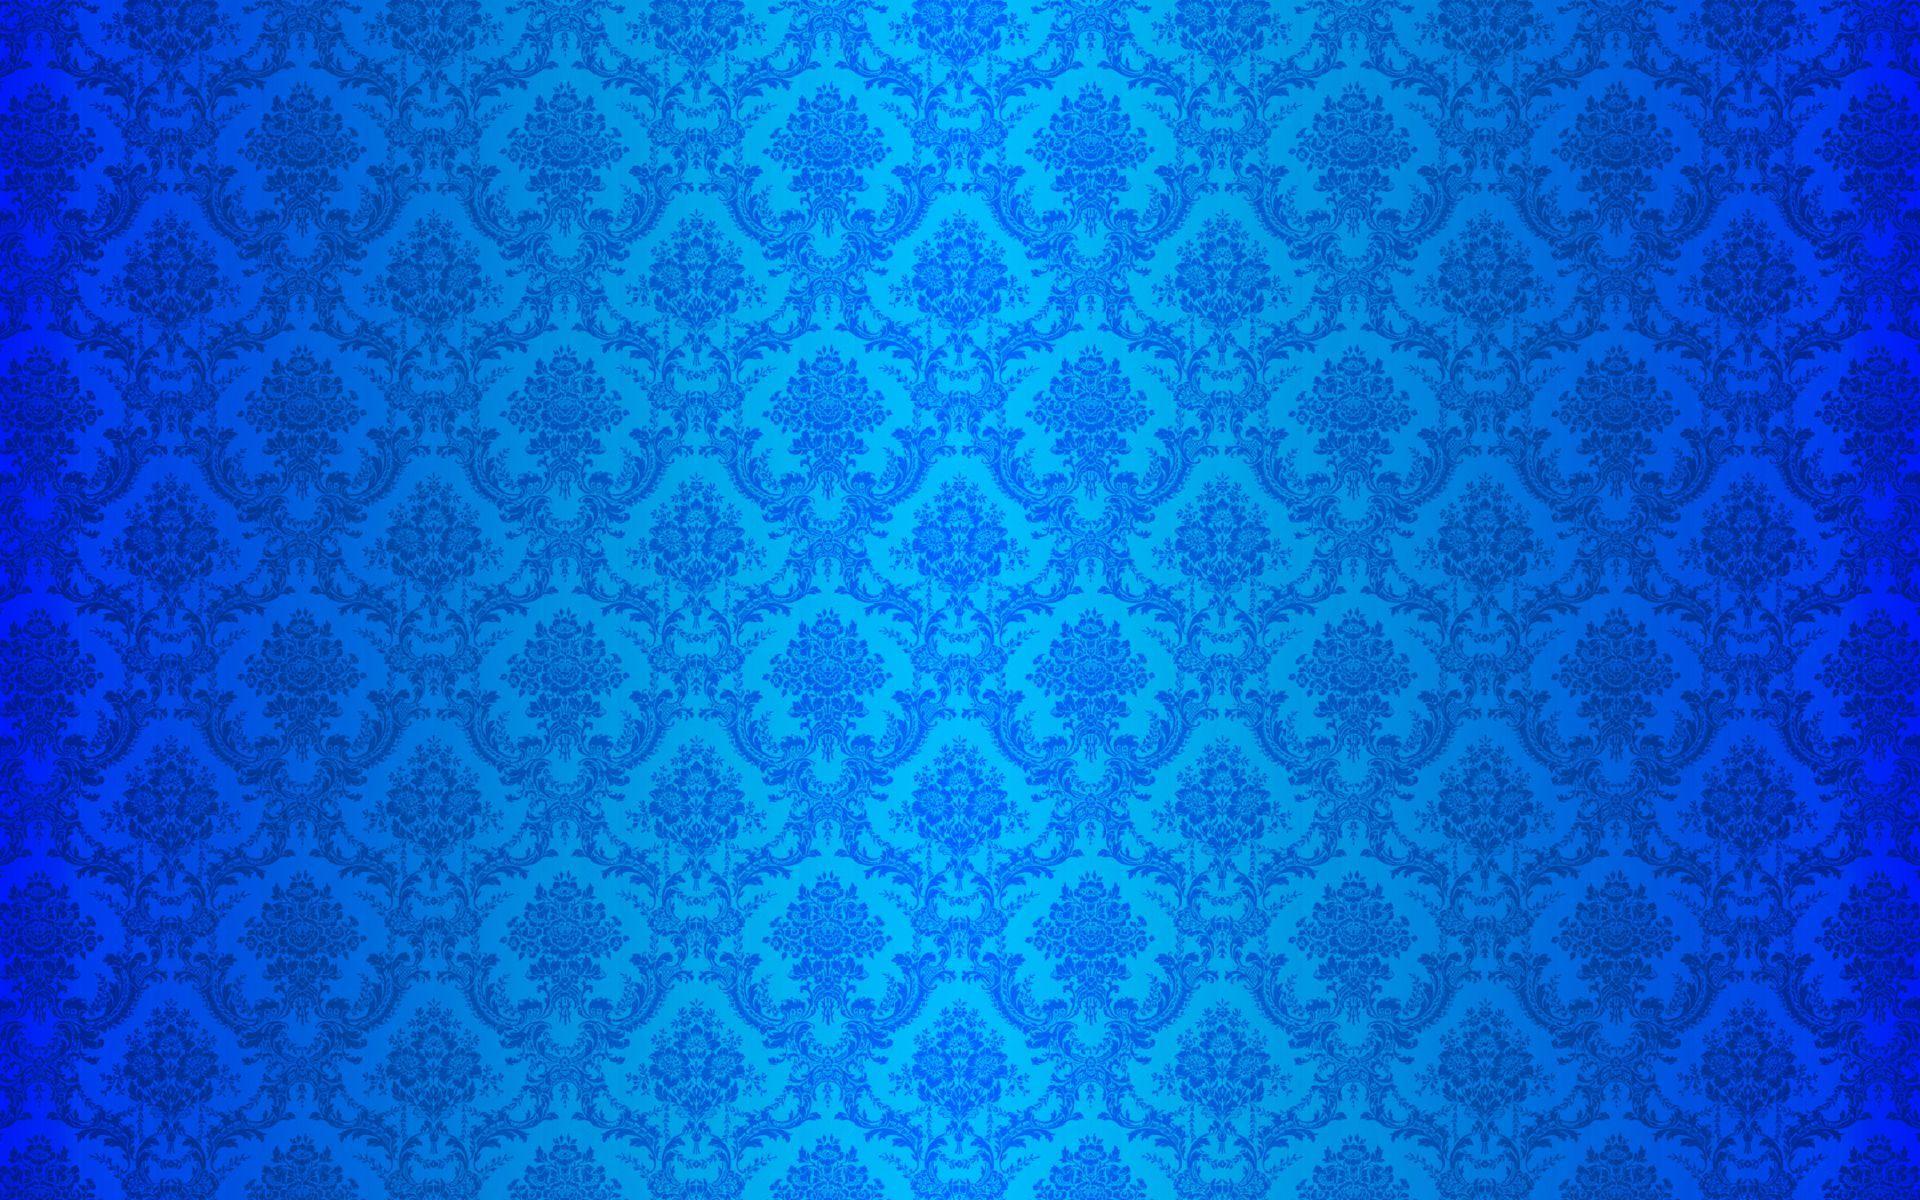 6970576 Blue Pattern Desktop Jpg 1920 1200 ดอกไม